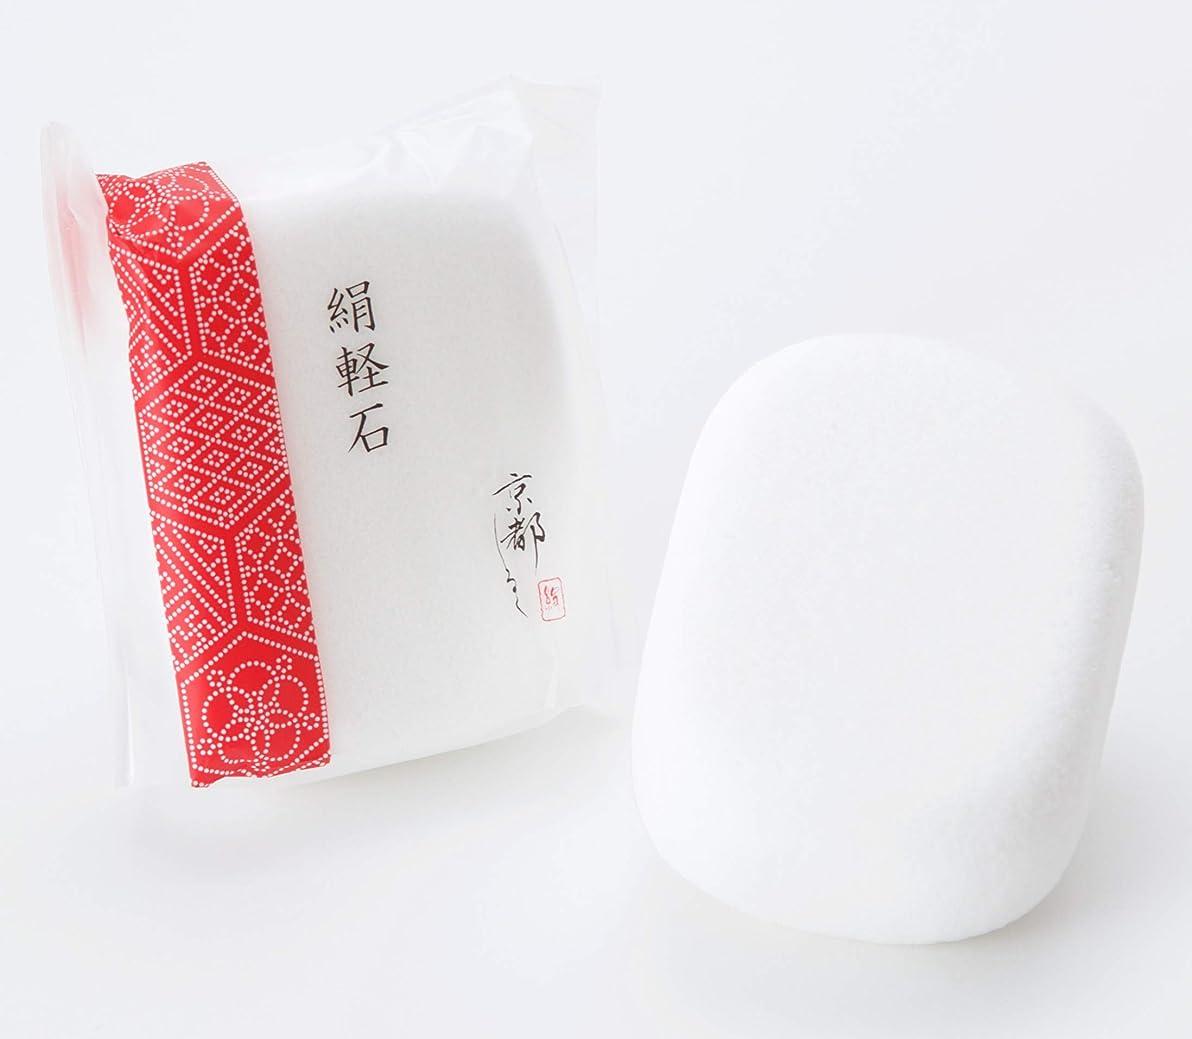 浸透するうん独占京都しるく シルクの軽石 2個セット【保湿成分シルクパウダー配合】/かかとの角質を落としてツルツル素足に 絹軽石 かかとキレイ かかとつるつる